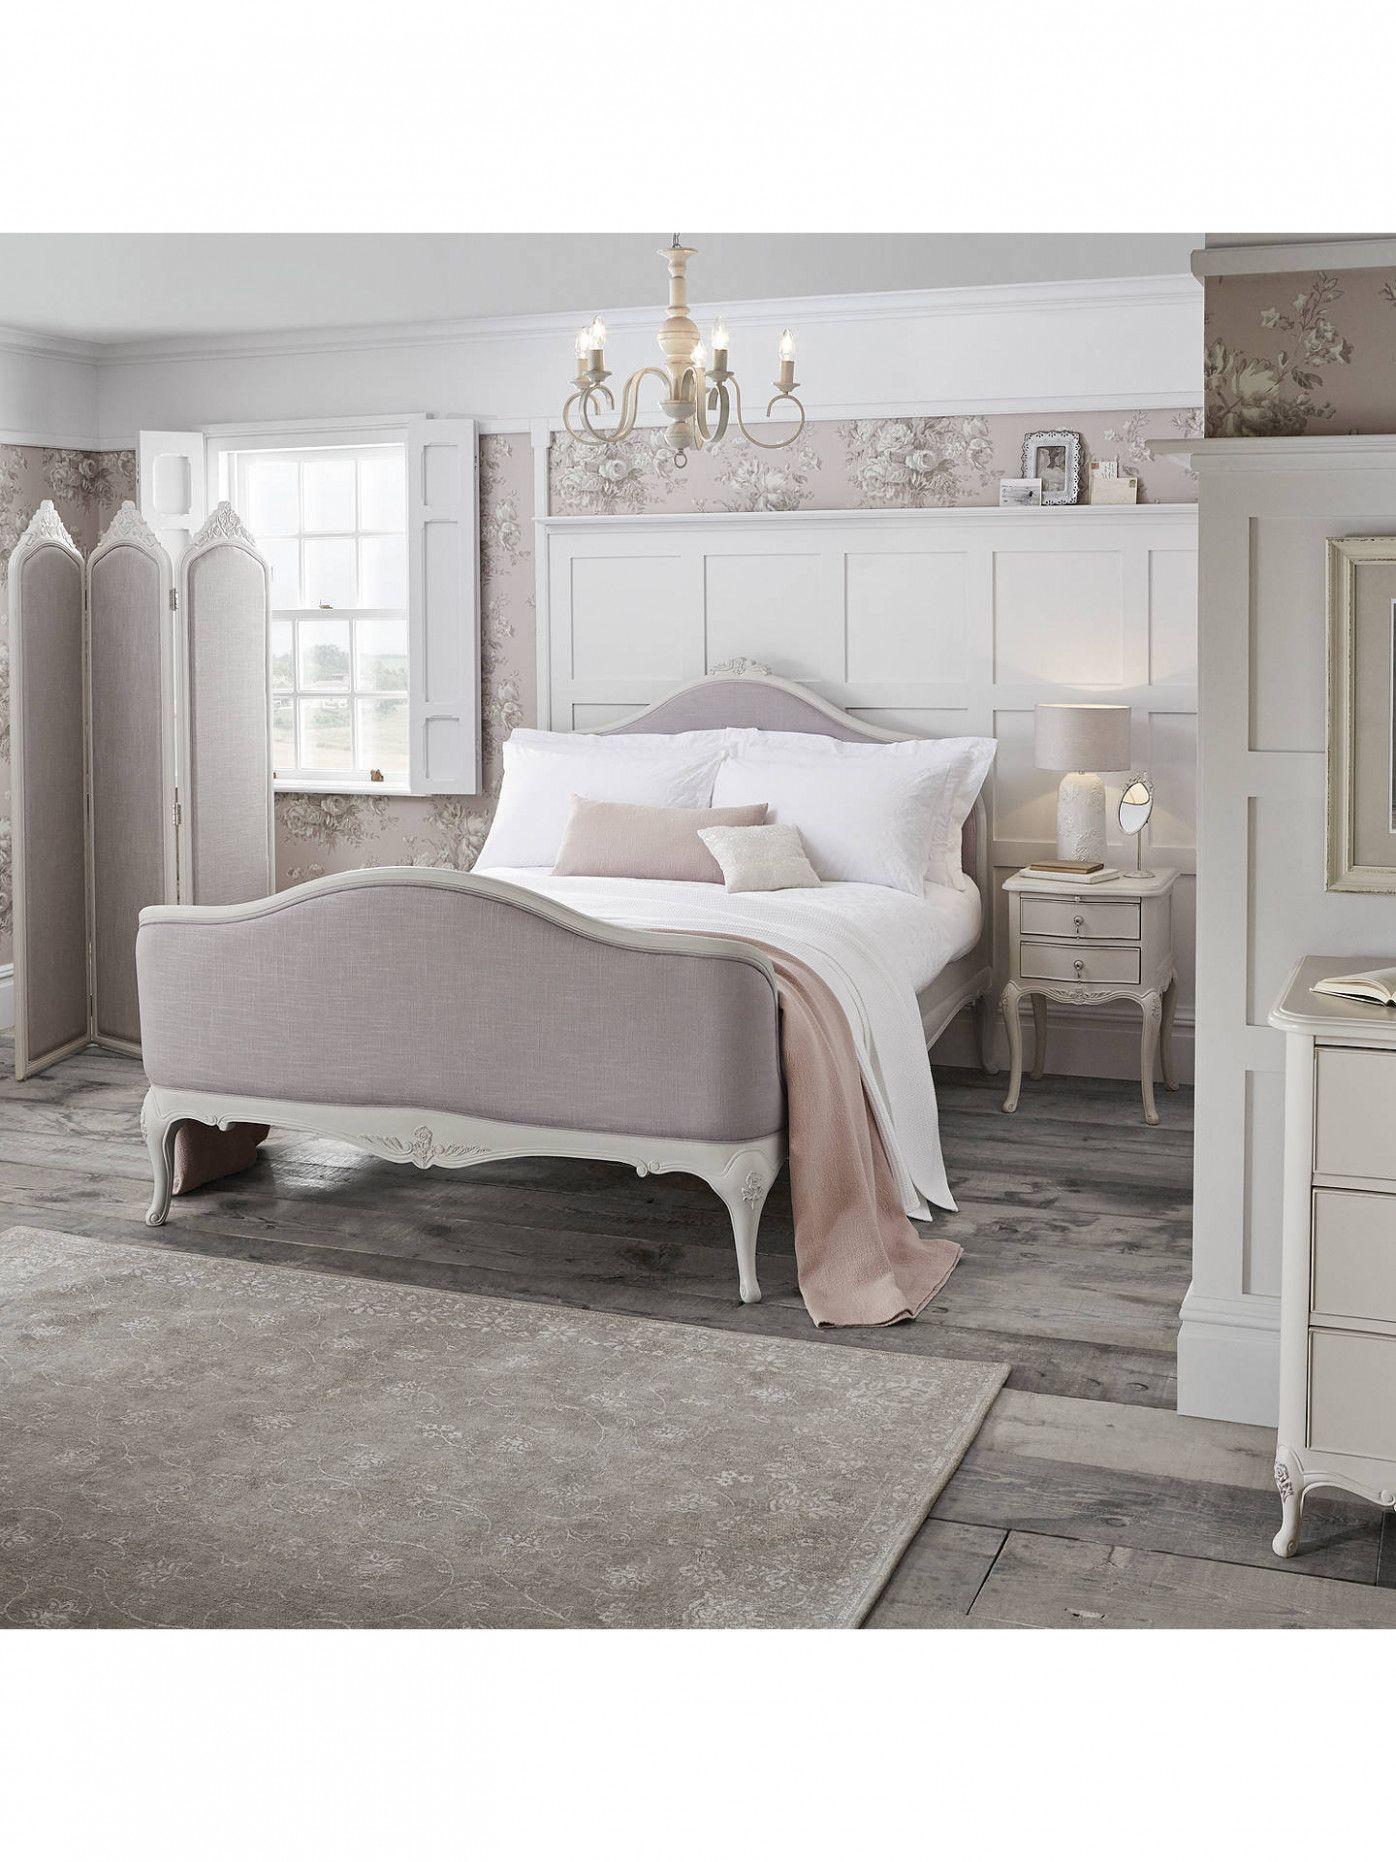 12 John Lewis Bedroom Ideas Bedroom Furniture For Sale Upholstered Bed Frame Storage Bench Bedroom Bedroom ideas john lewis